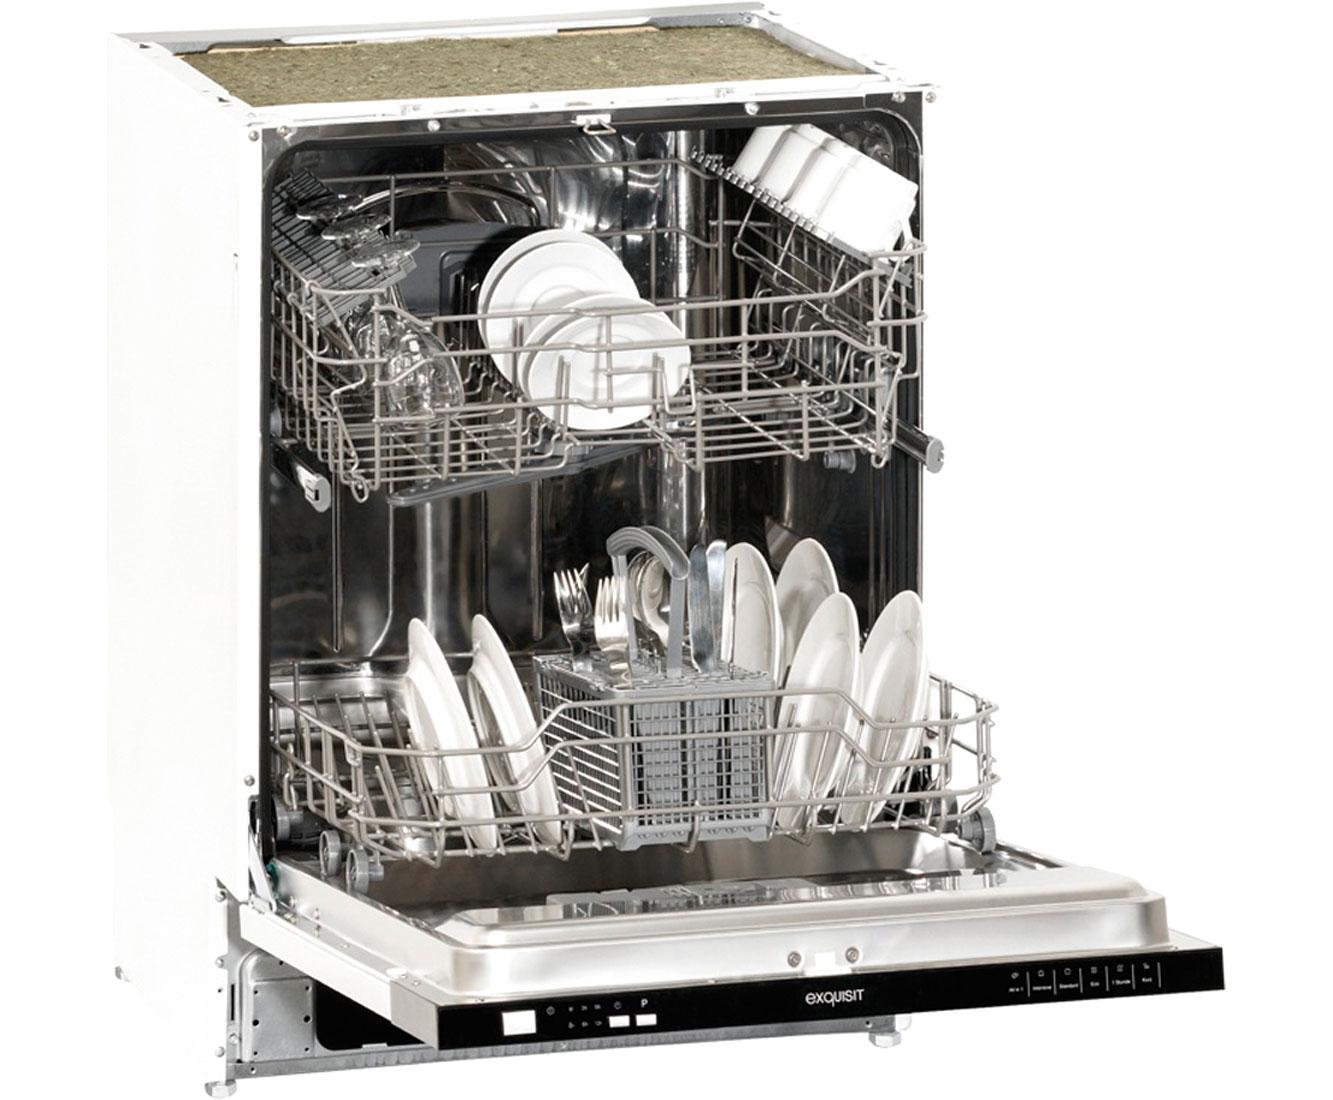 Vollintegrierte Spulmaschine Pkm Dw12 6fi A Geschirrspuler 60cm